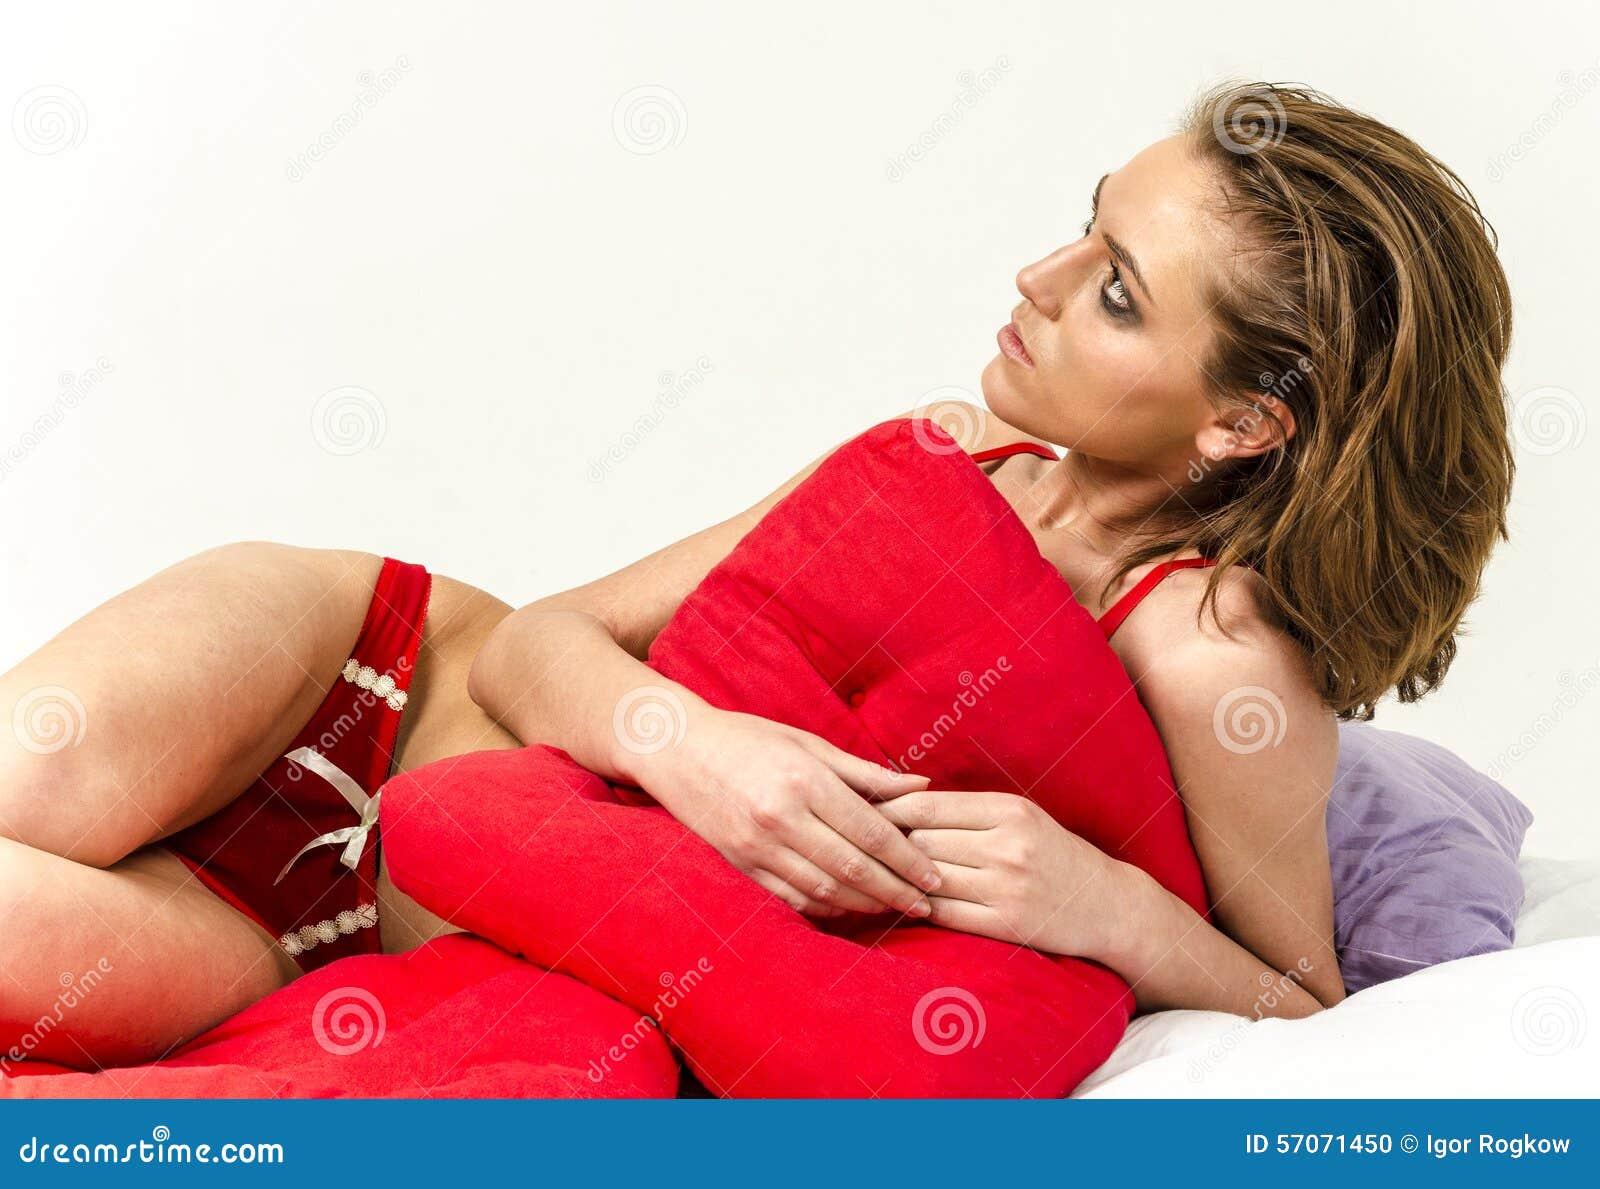 Jong meisje in ondergoed in bed schreeuwen en afvegende scheuren die haar handen smeren